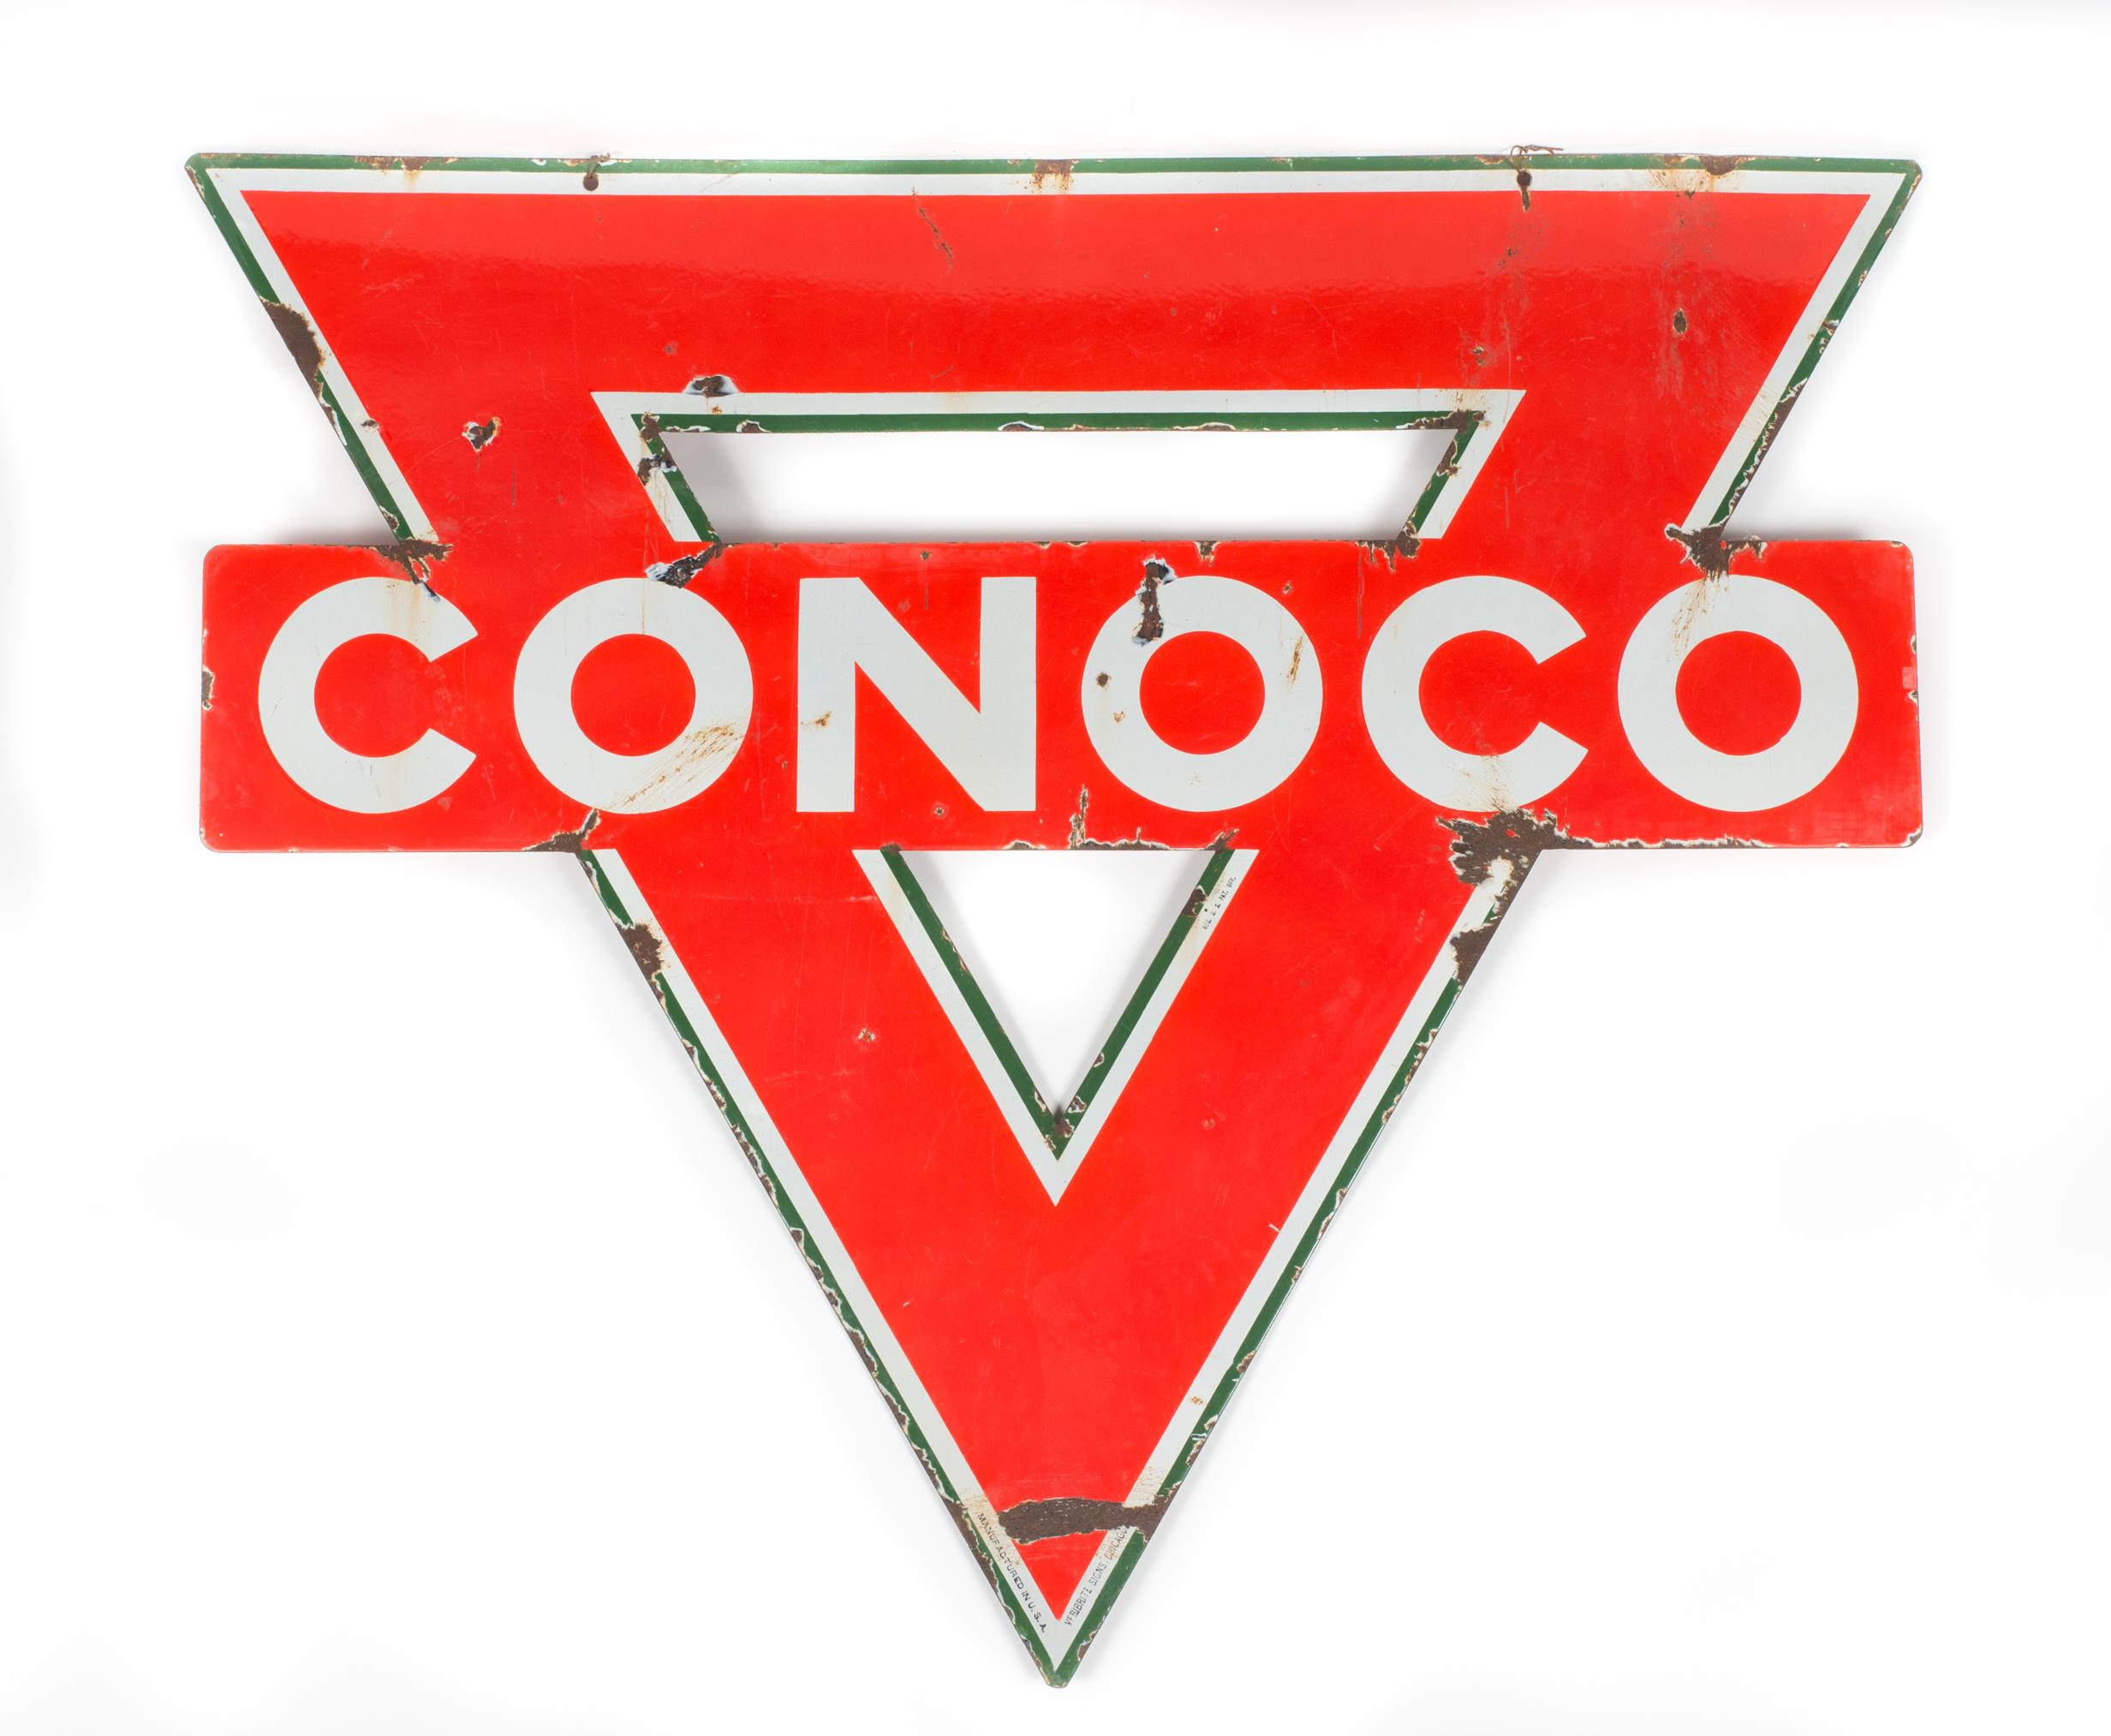 Lot #475 - Conoco Die Cut Porcelain Sign - Manifest Auctions